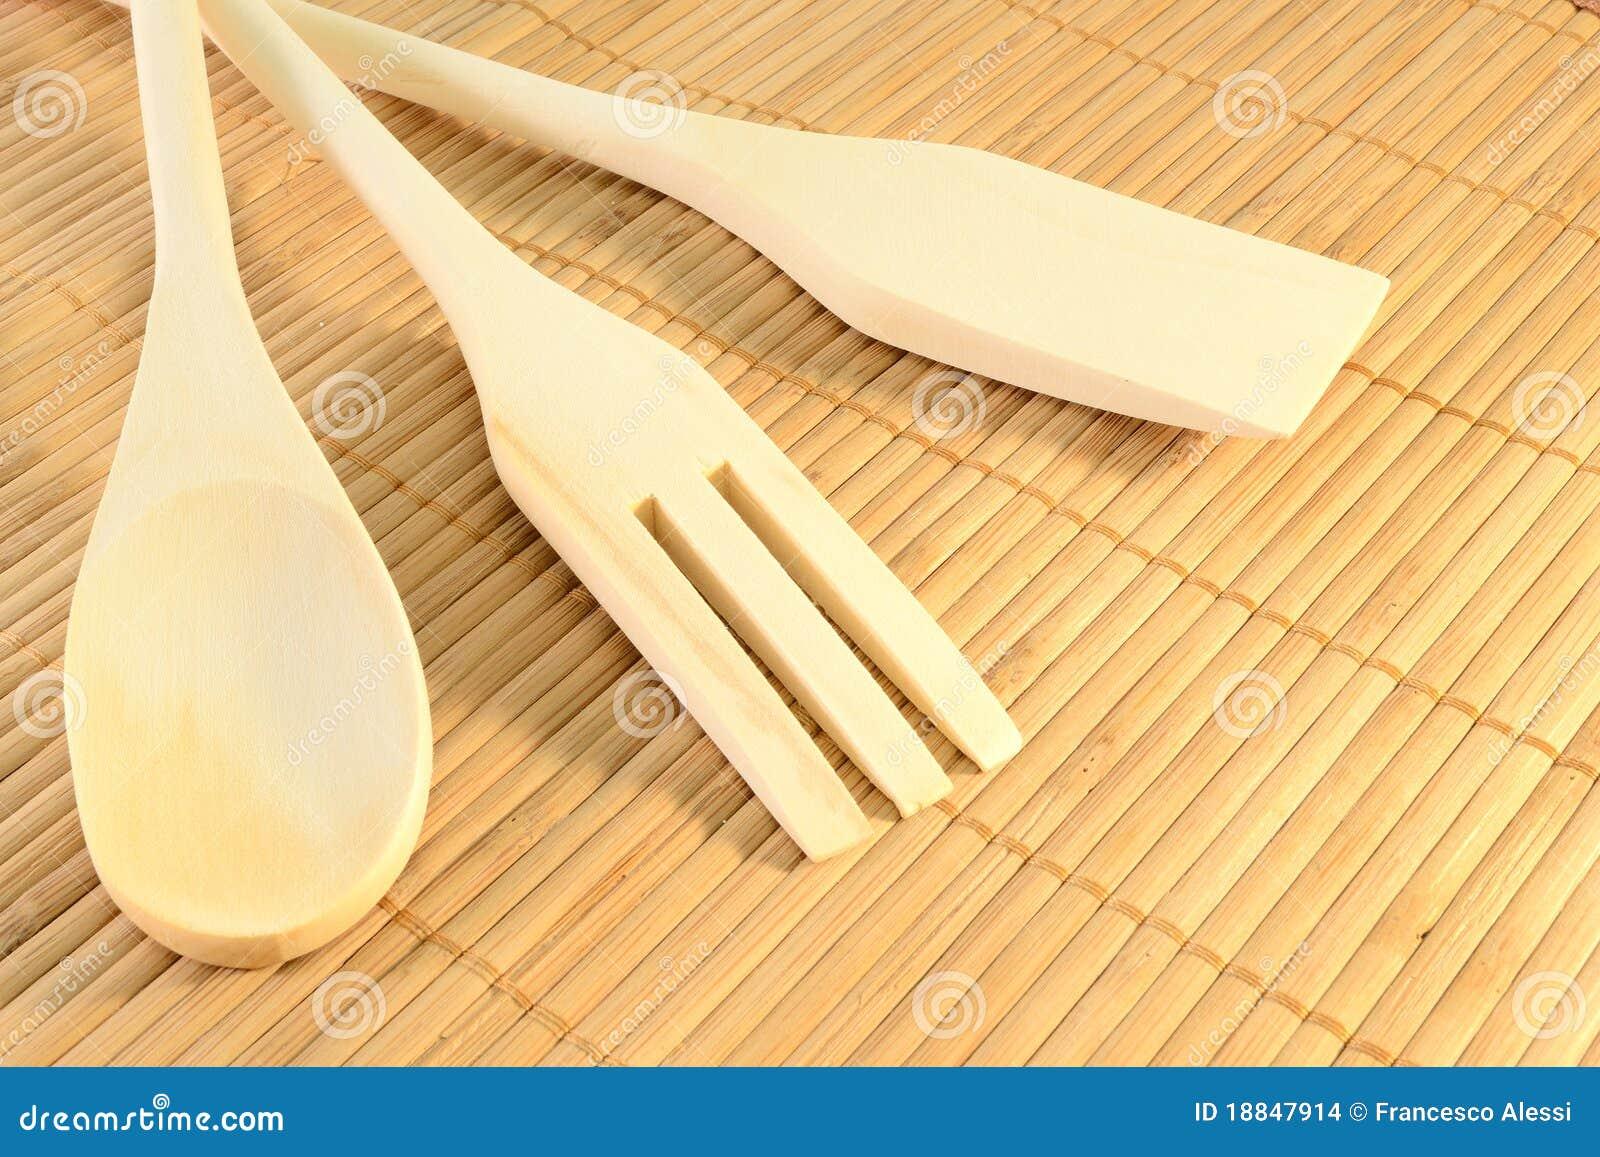 Herramientas de madera de la cocina imagenes de archivo - Herramientas de madera ...